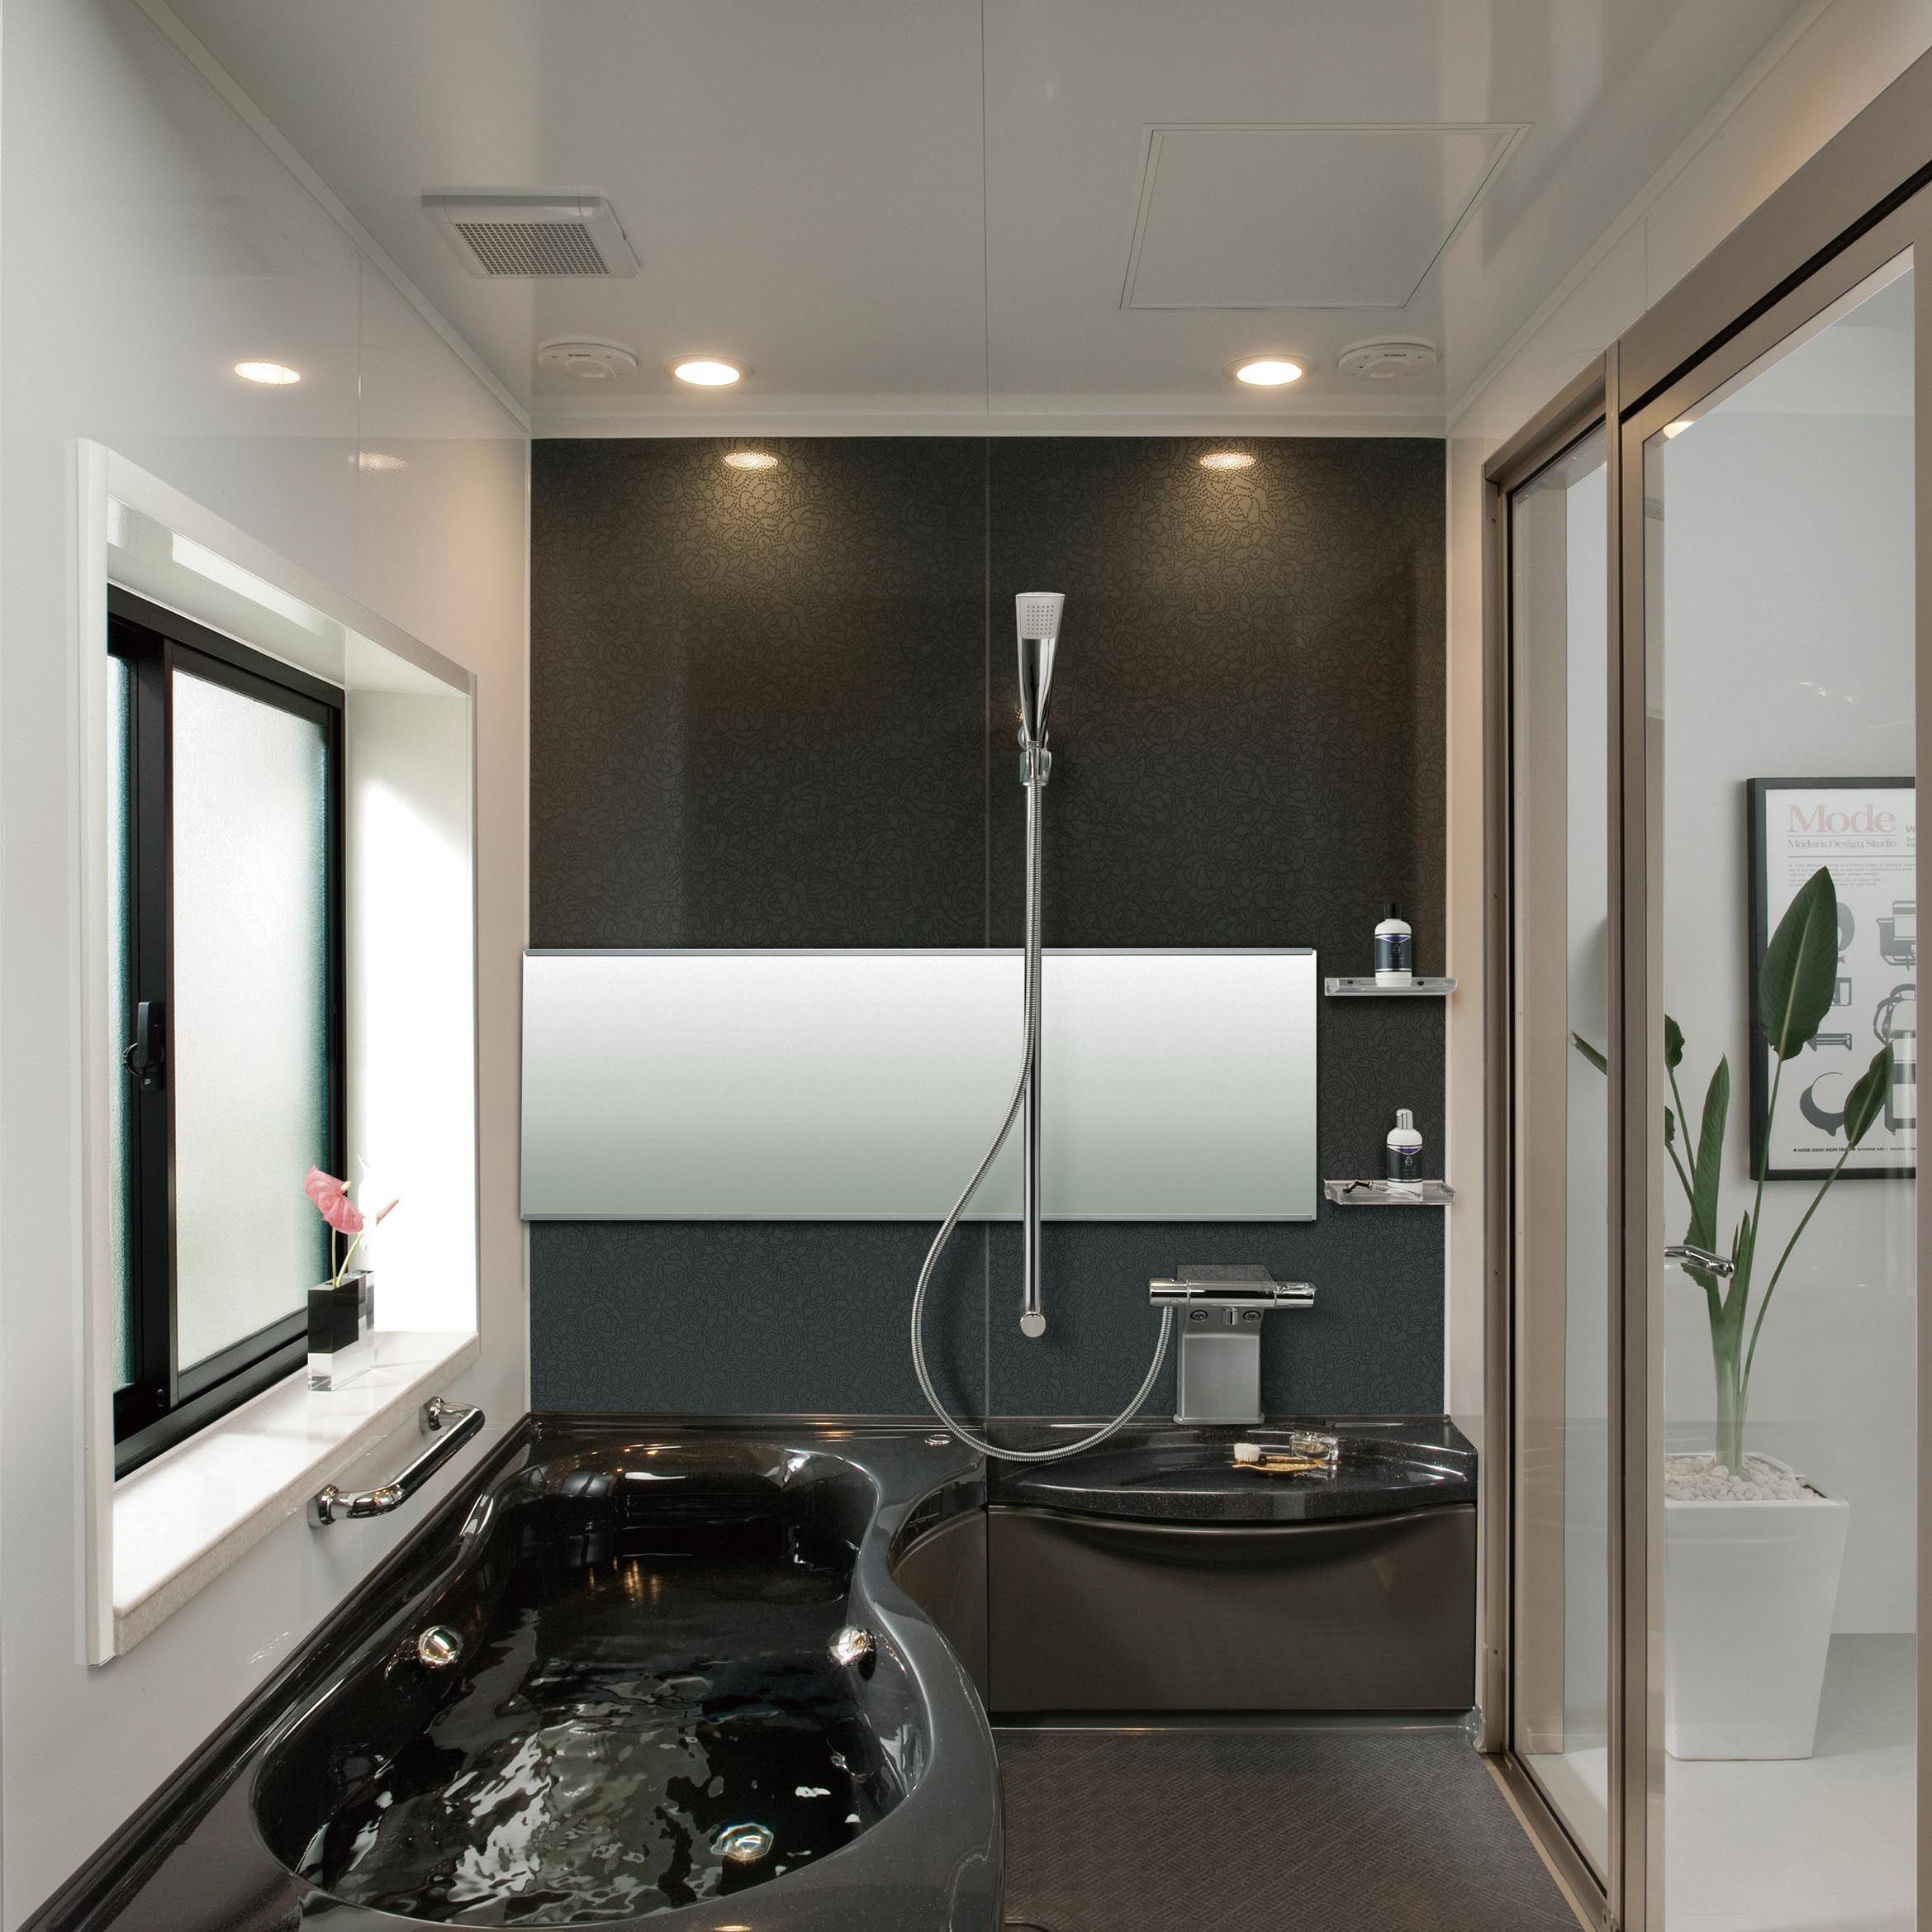 Bathroom おしゃれまとめの人気アイデア Pinterest Lee モダンインテリアデザイン バスルーム ハウスデザイン